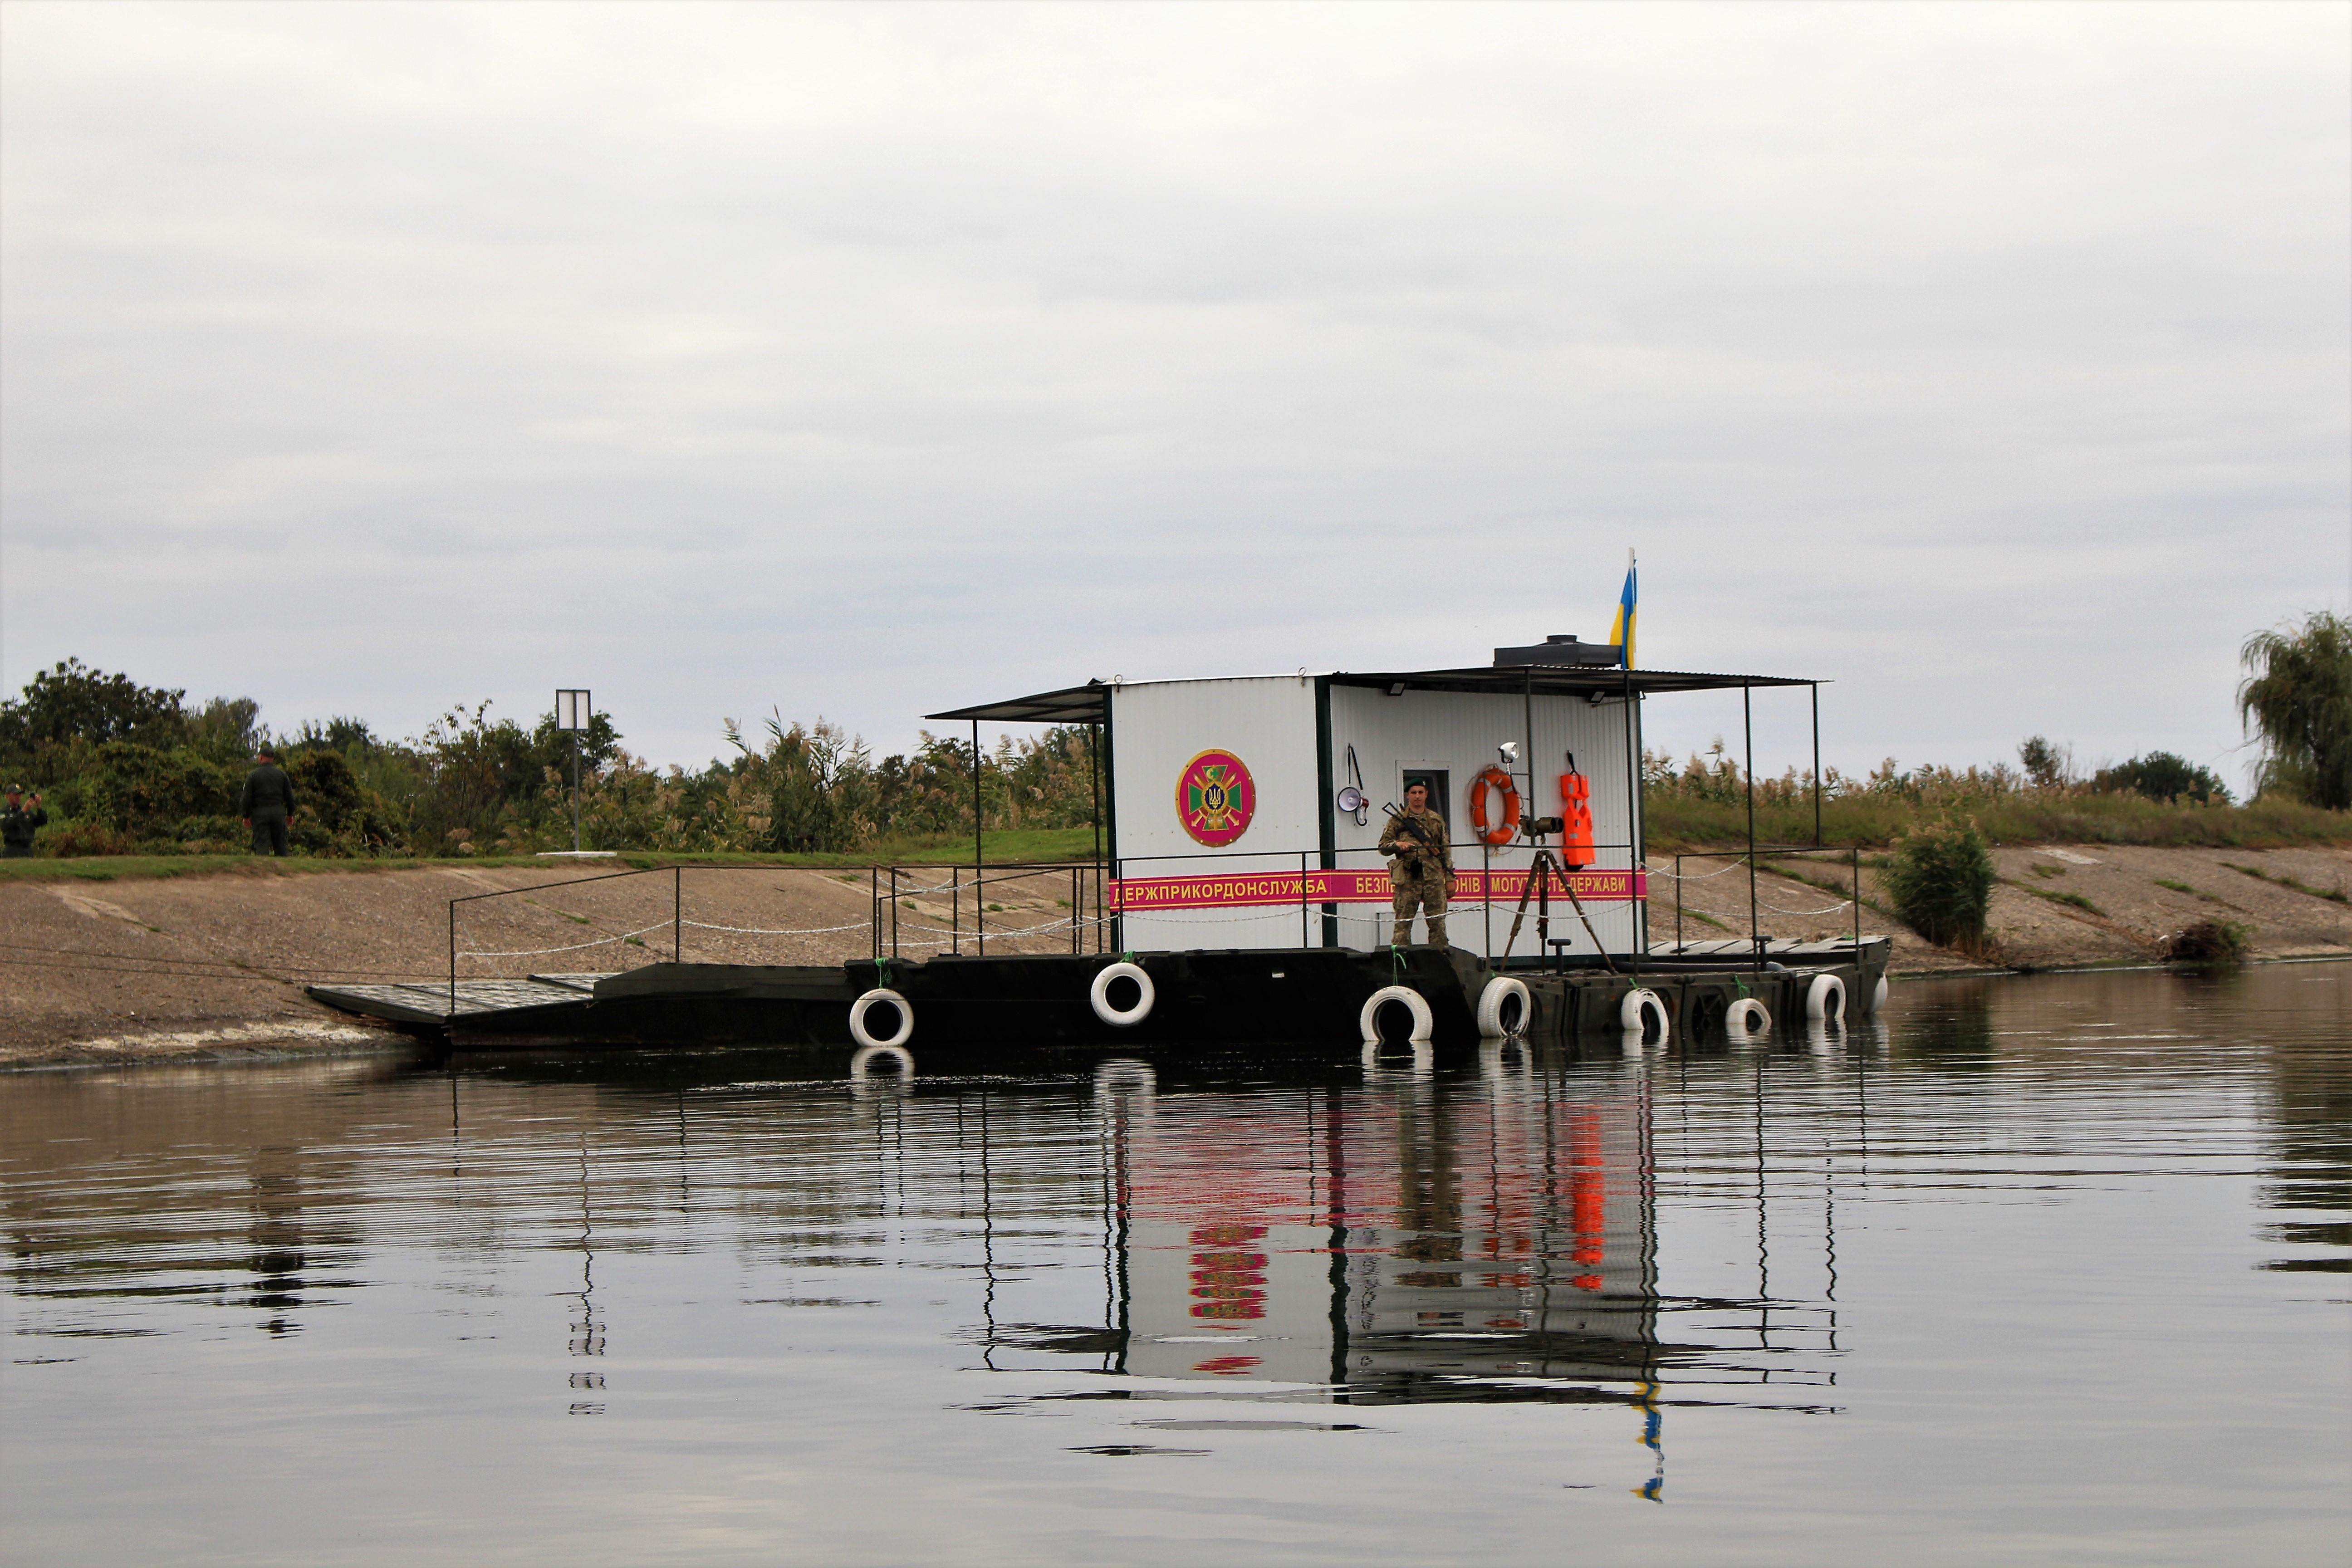 Плавучий пост - как средство мониторинга водных рубежей Белгород-Днестровскими пограничниками